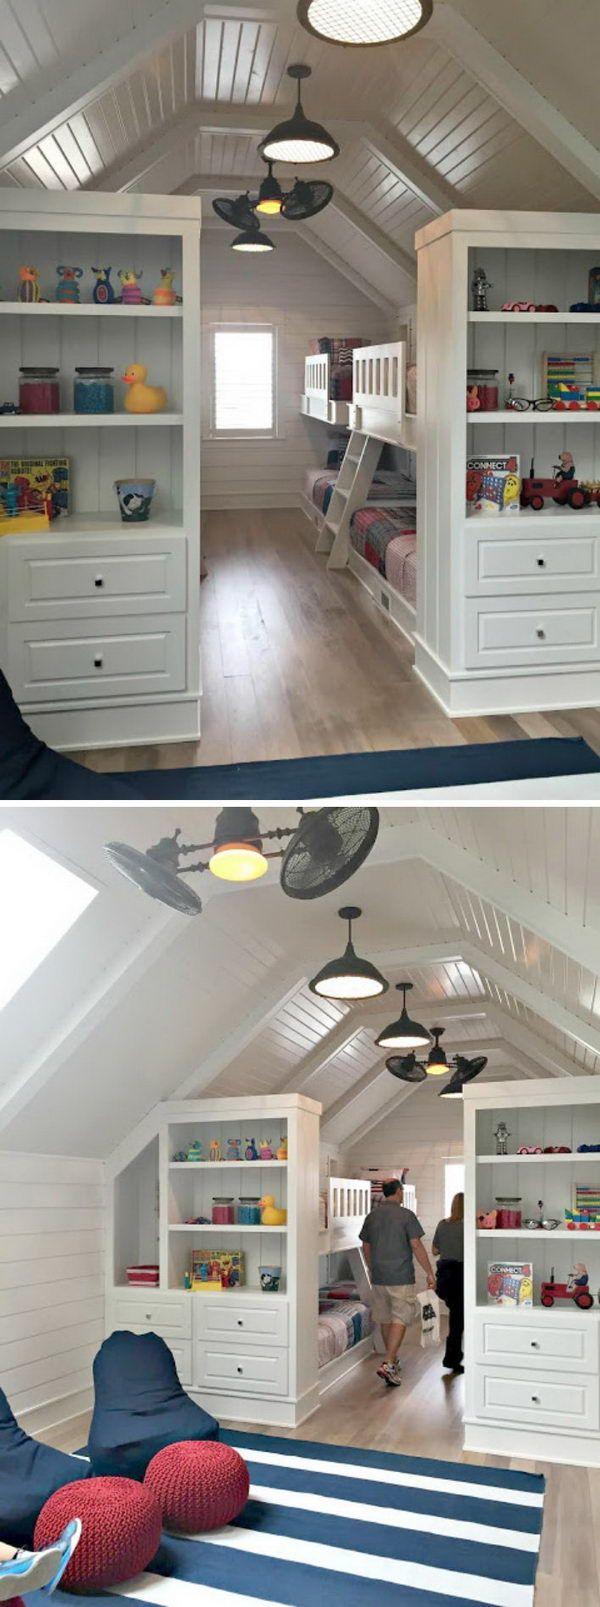 die besten 25 dachschr ge nutzen ideen auf pinterest. Black Bedroom Furniture Sets. Home Design Ideas